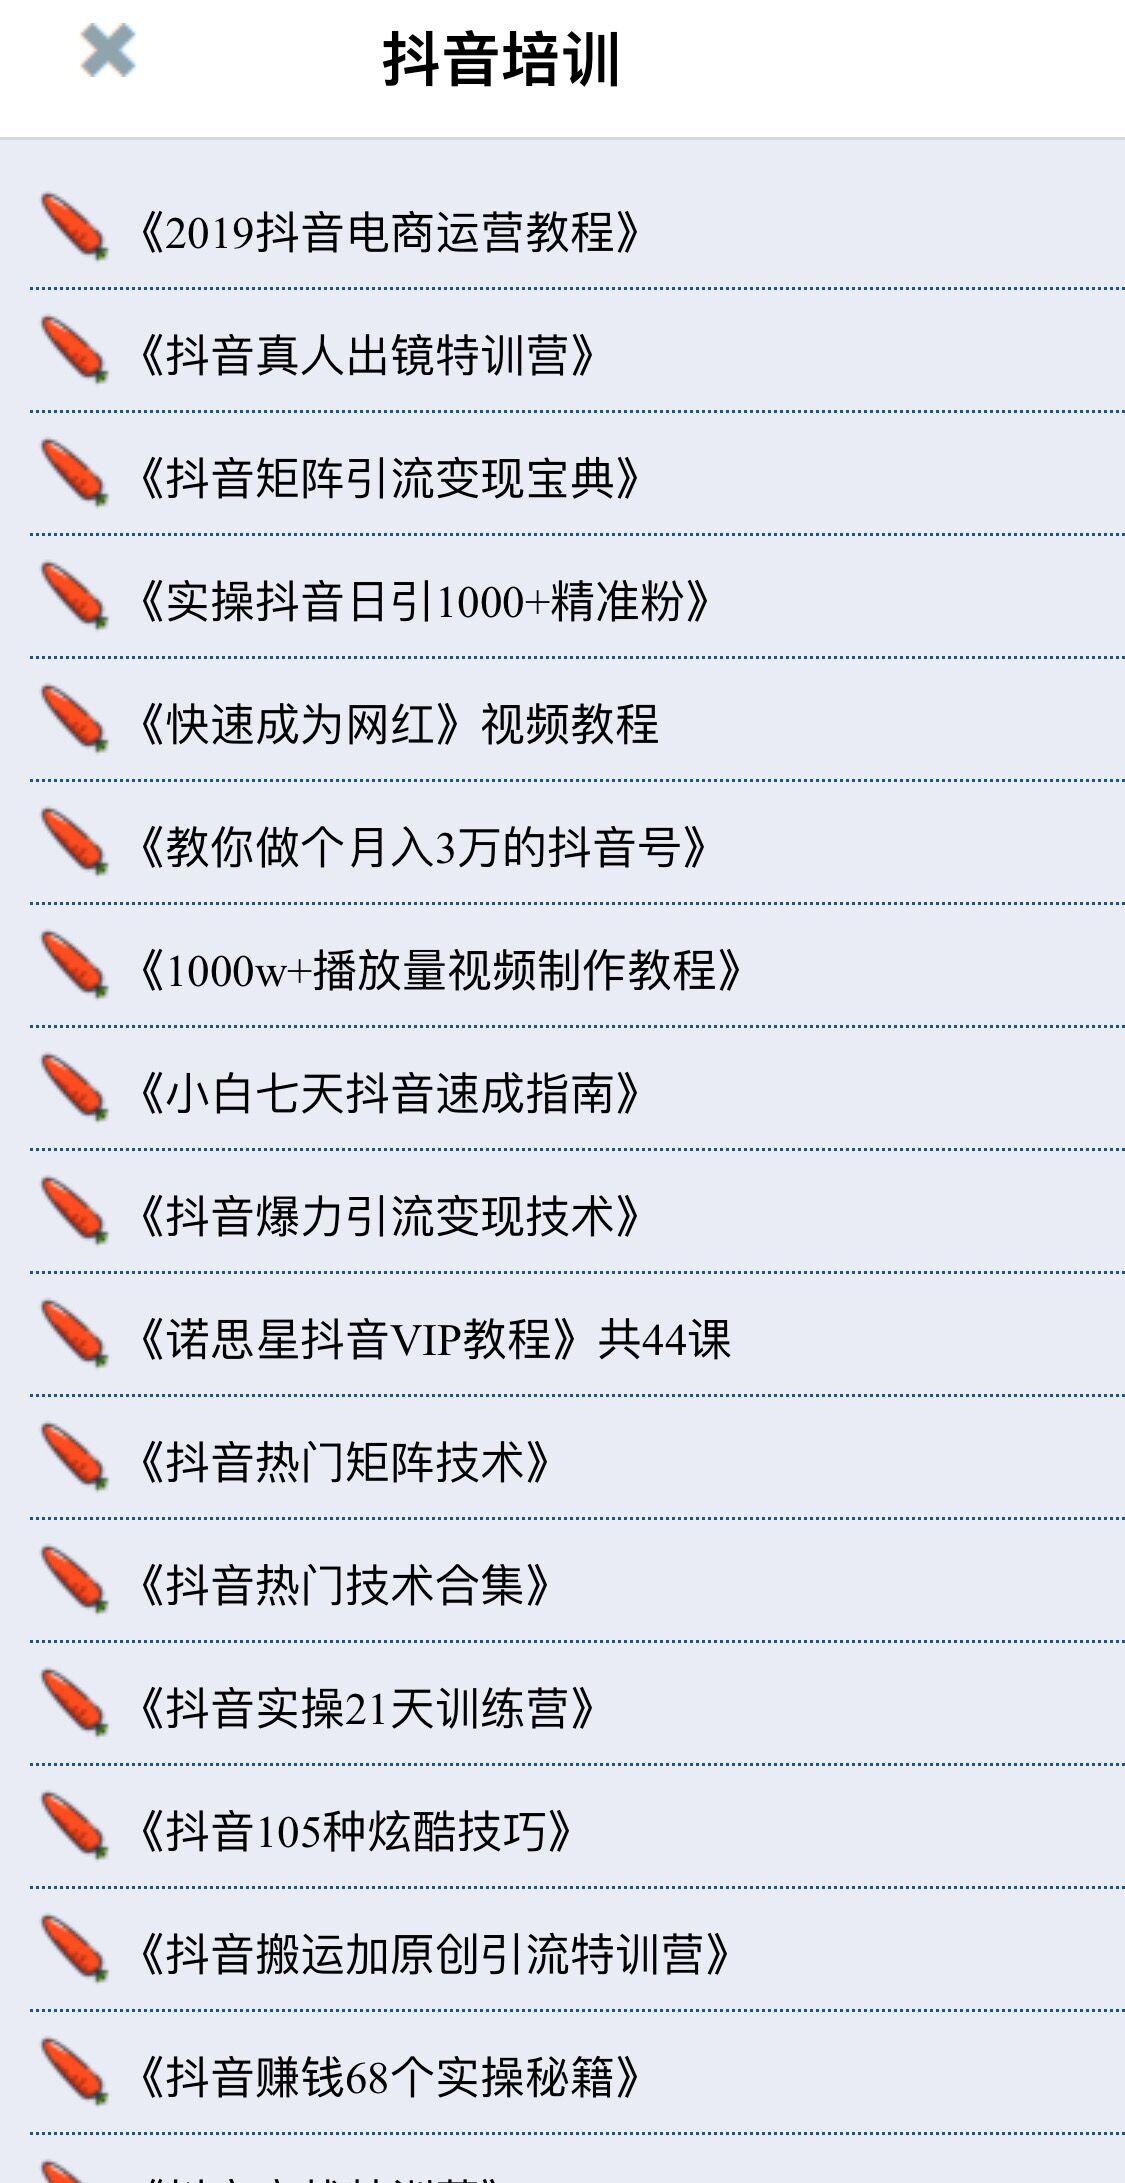 刘阳光_星光网_app003.jpg